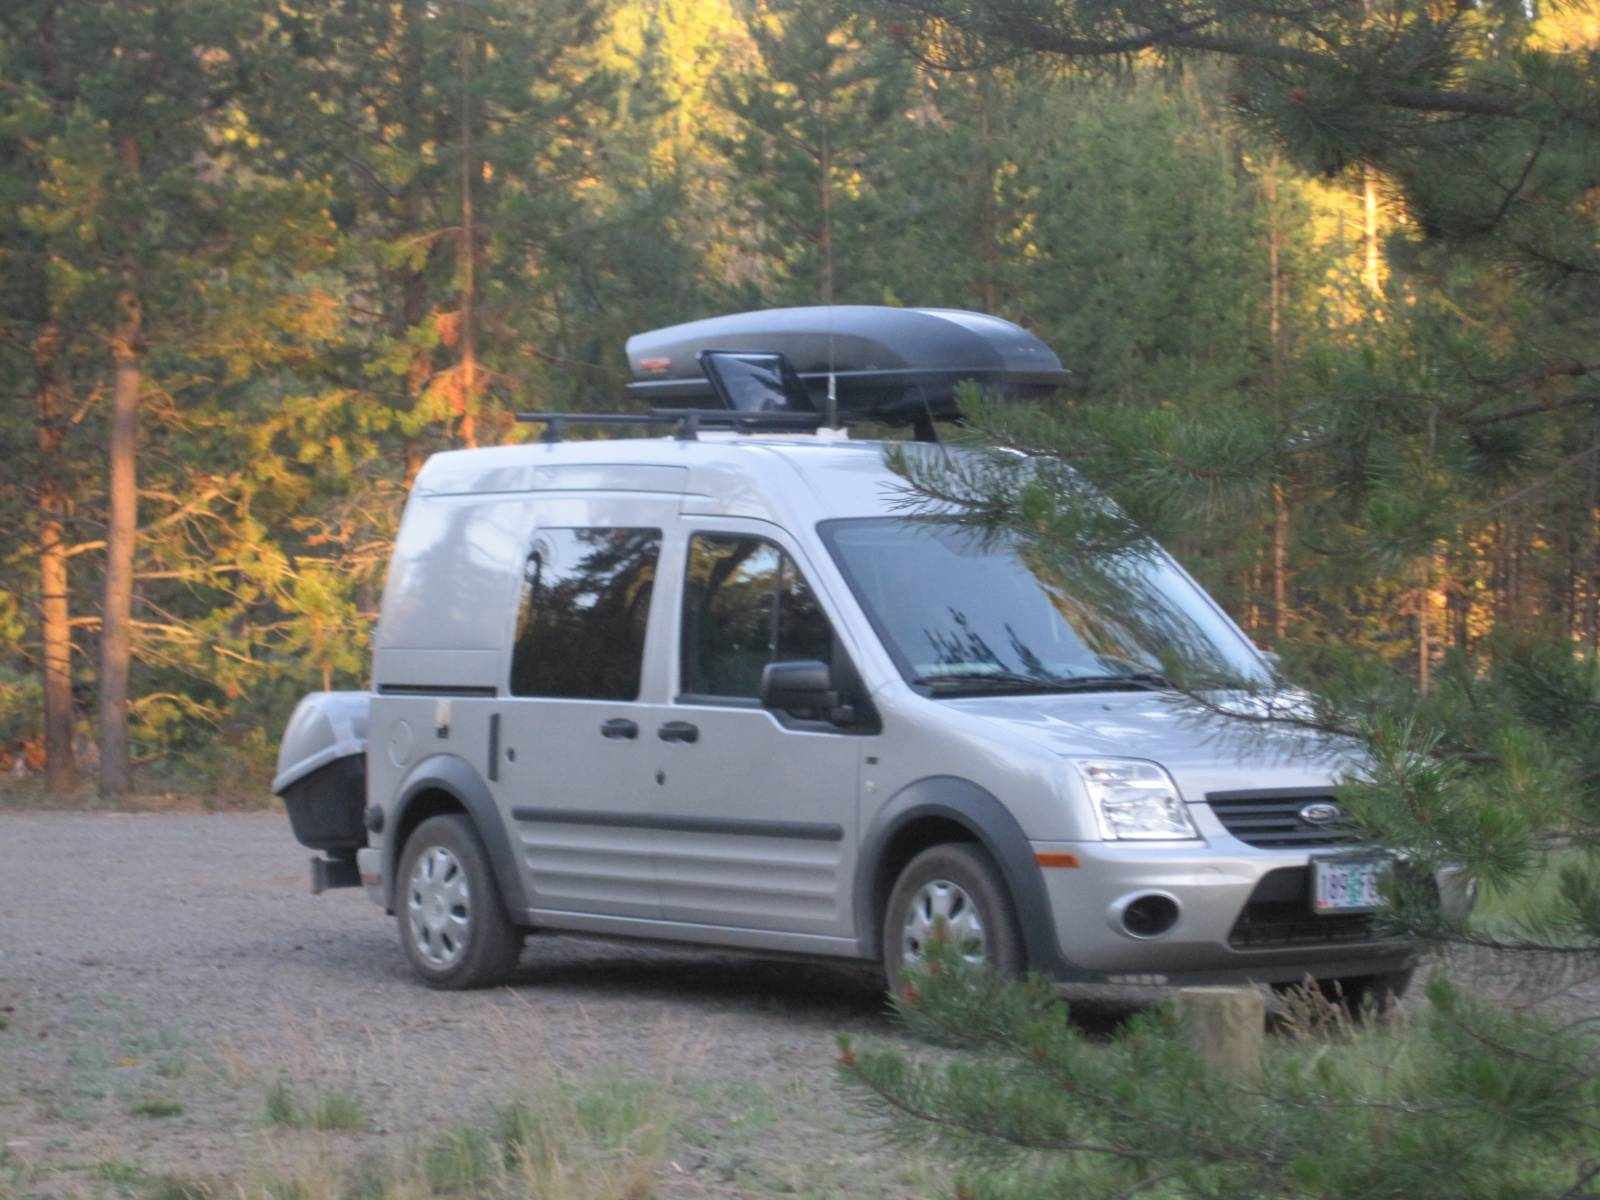 Camping near Klamath Falls, Oregon